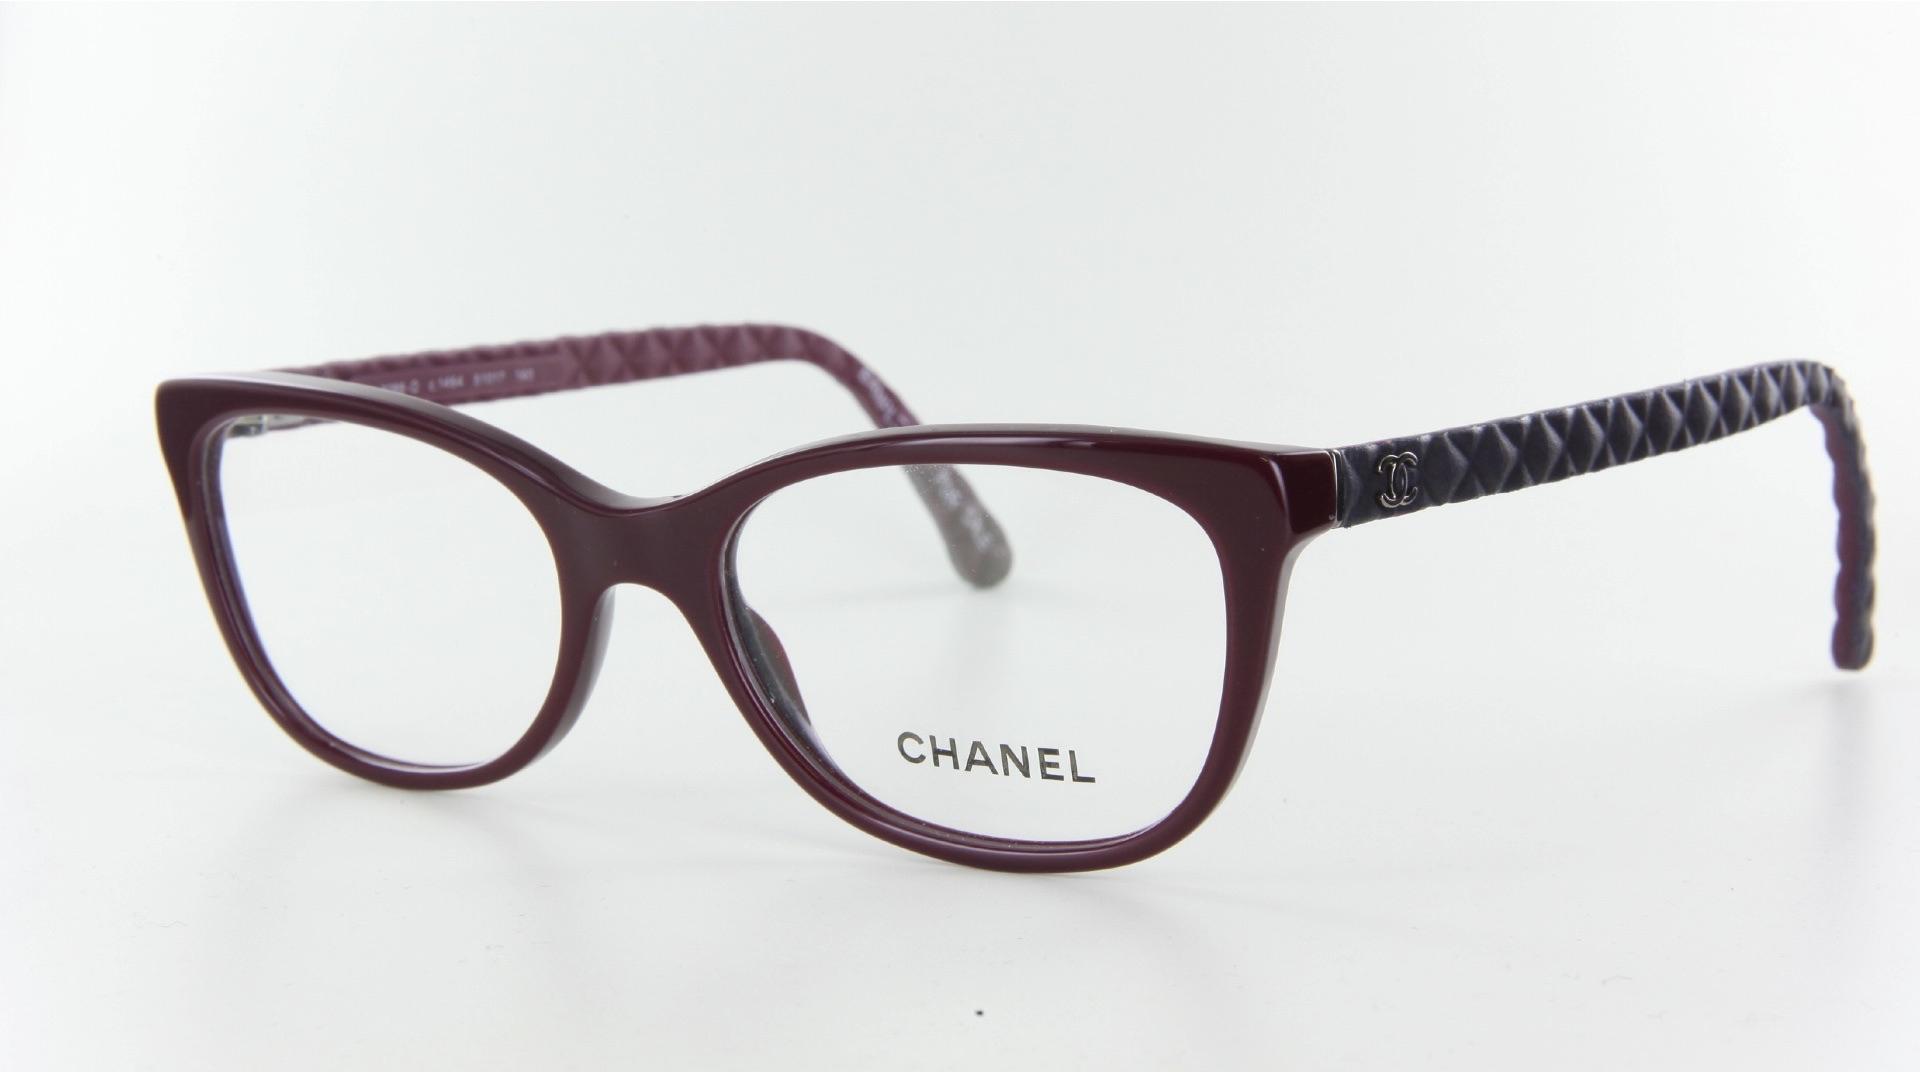 Chanel - ref: 71081